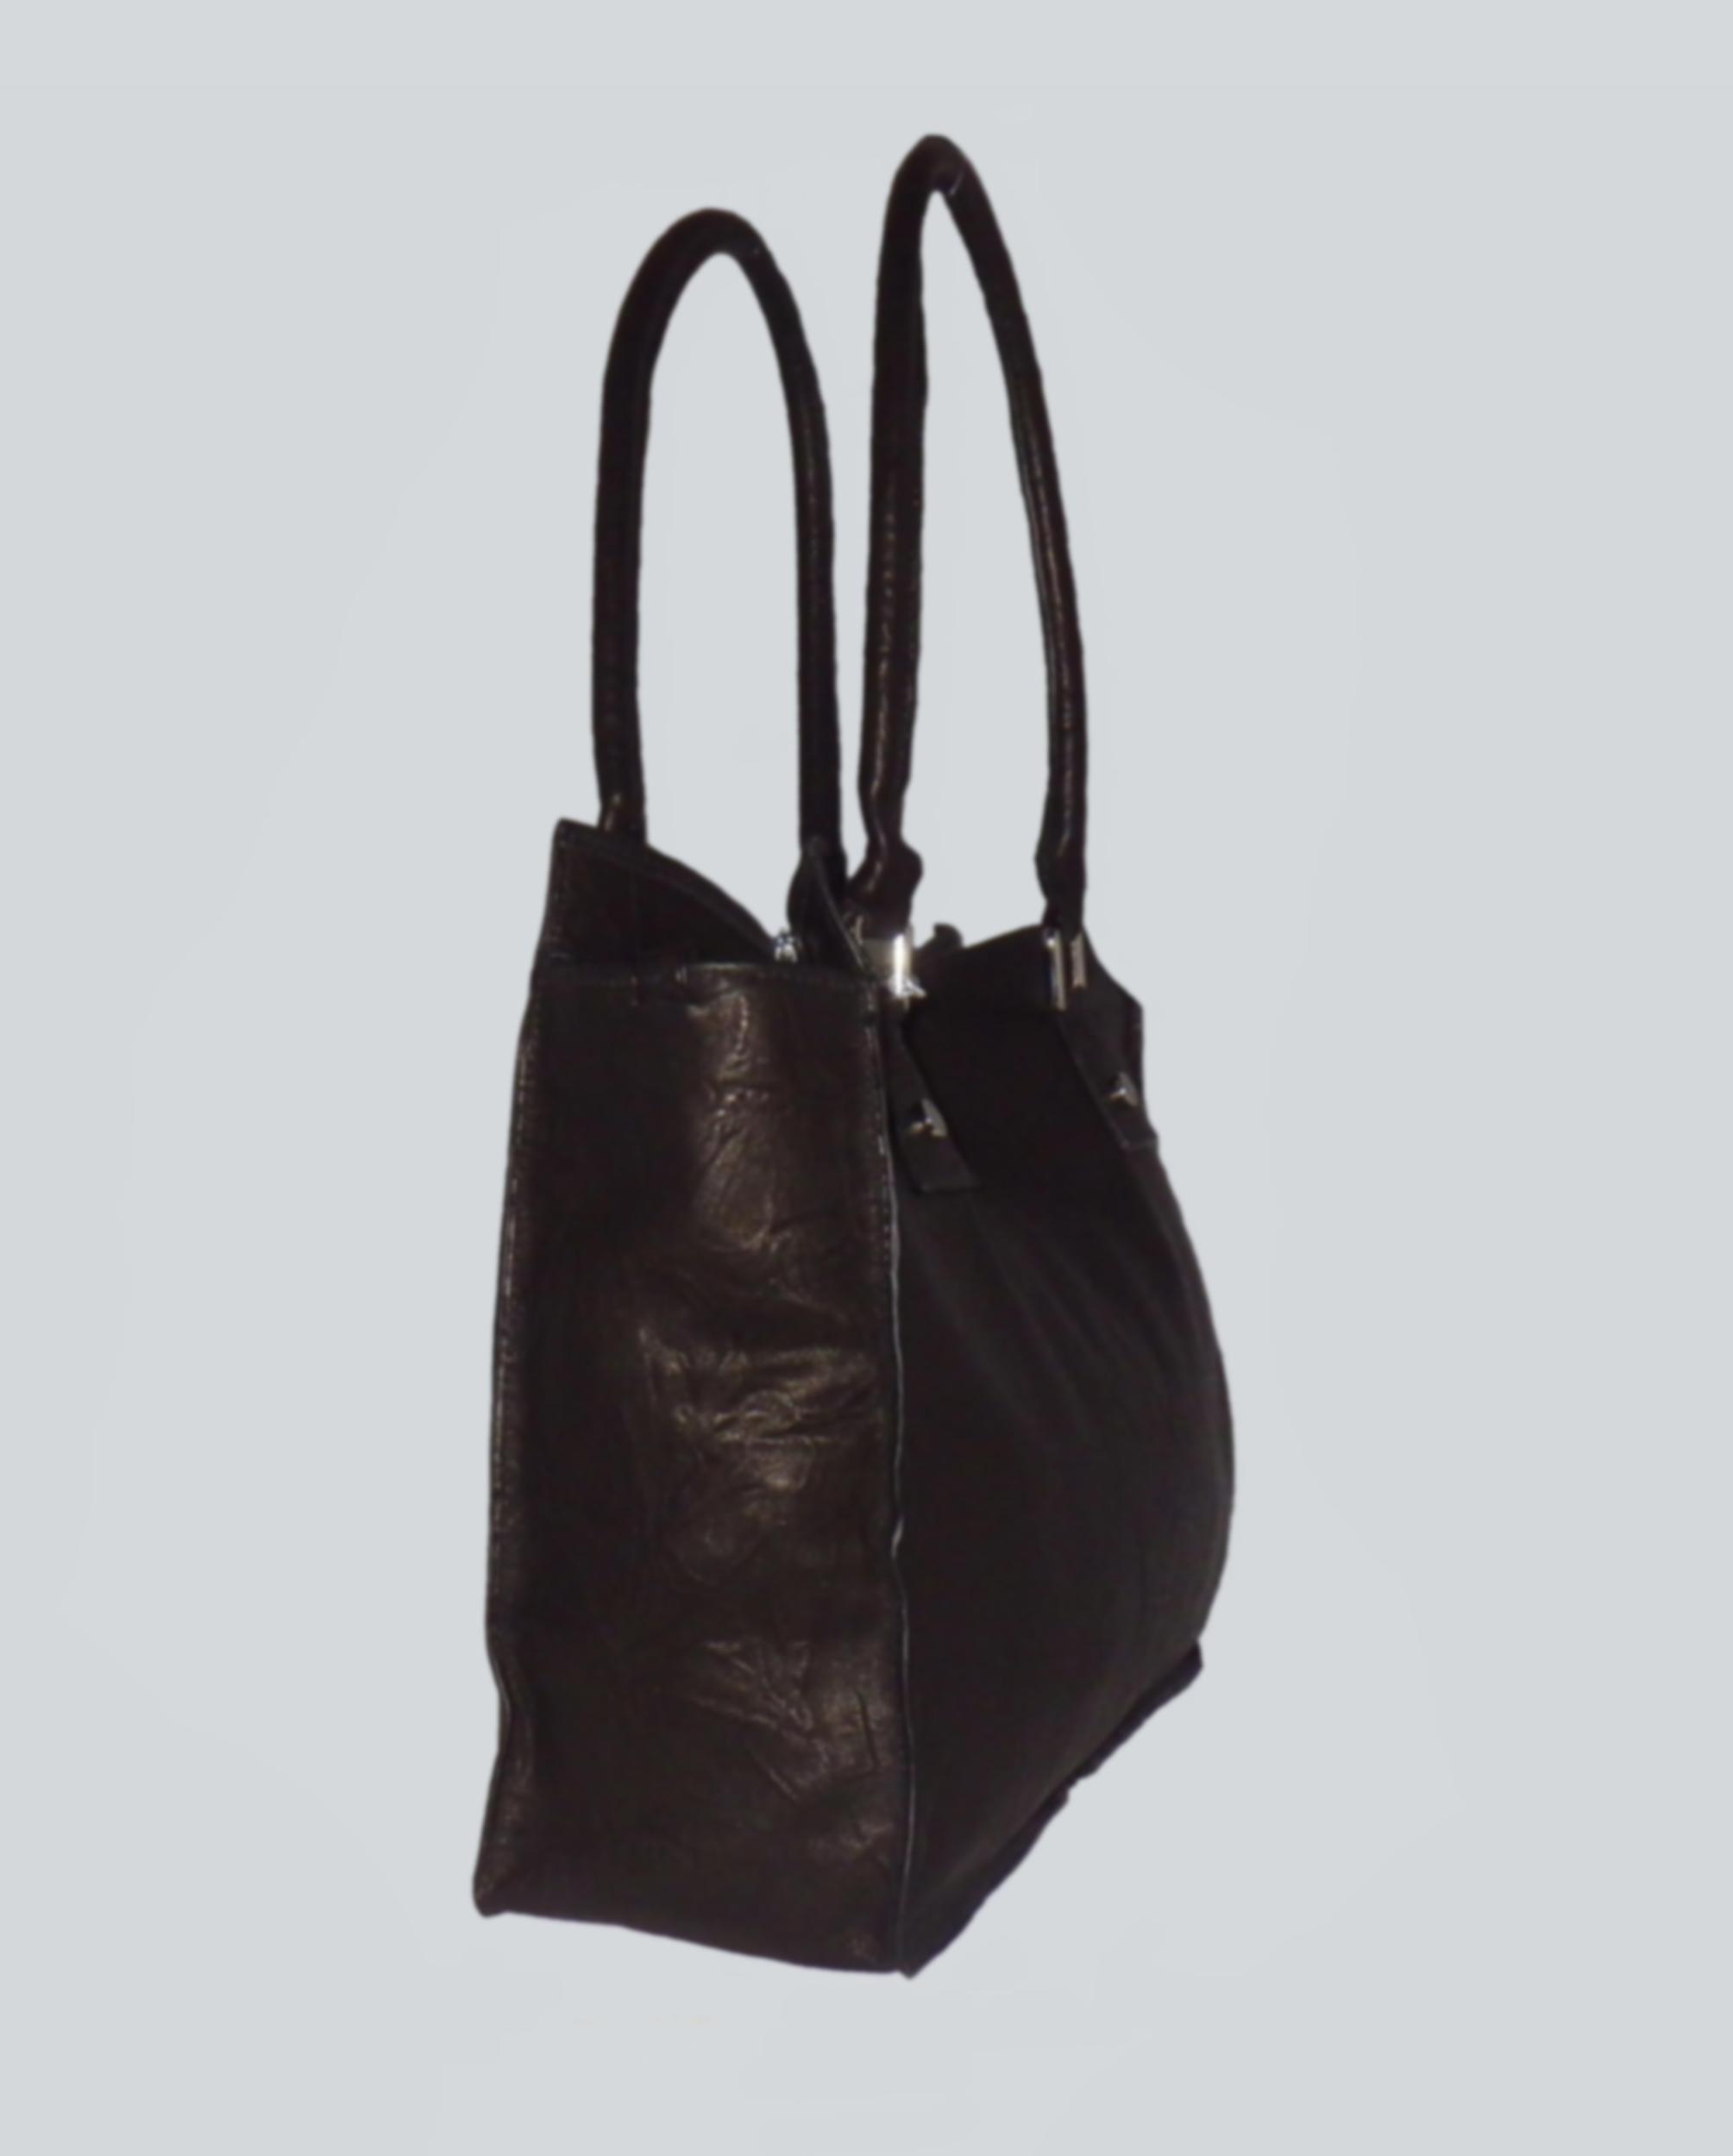 MELUNGTSE sac en cuir d\'agneau foulonné noir carbonne porté main ou épaule